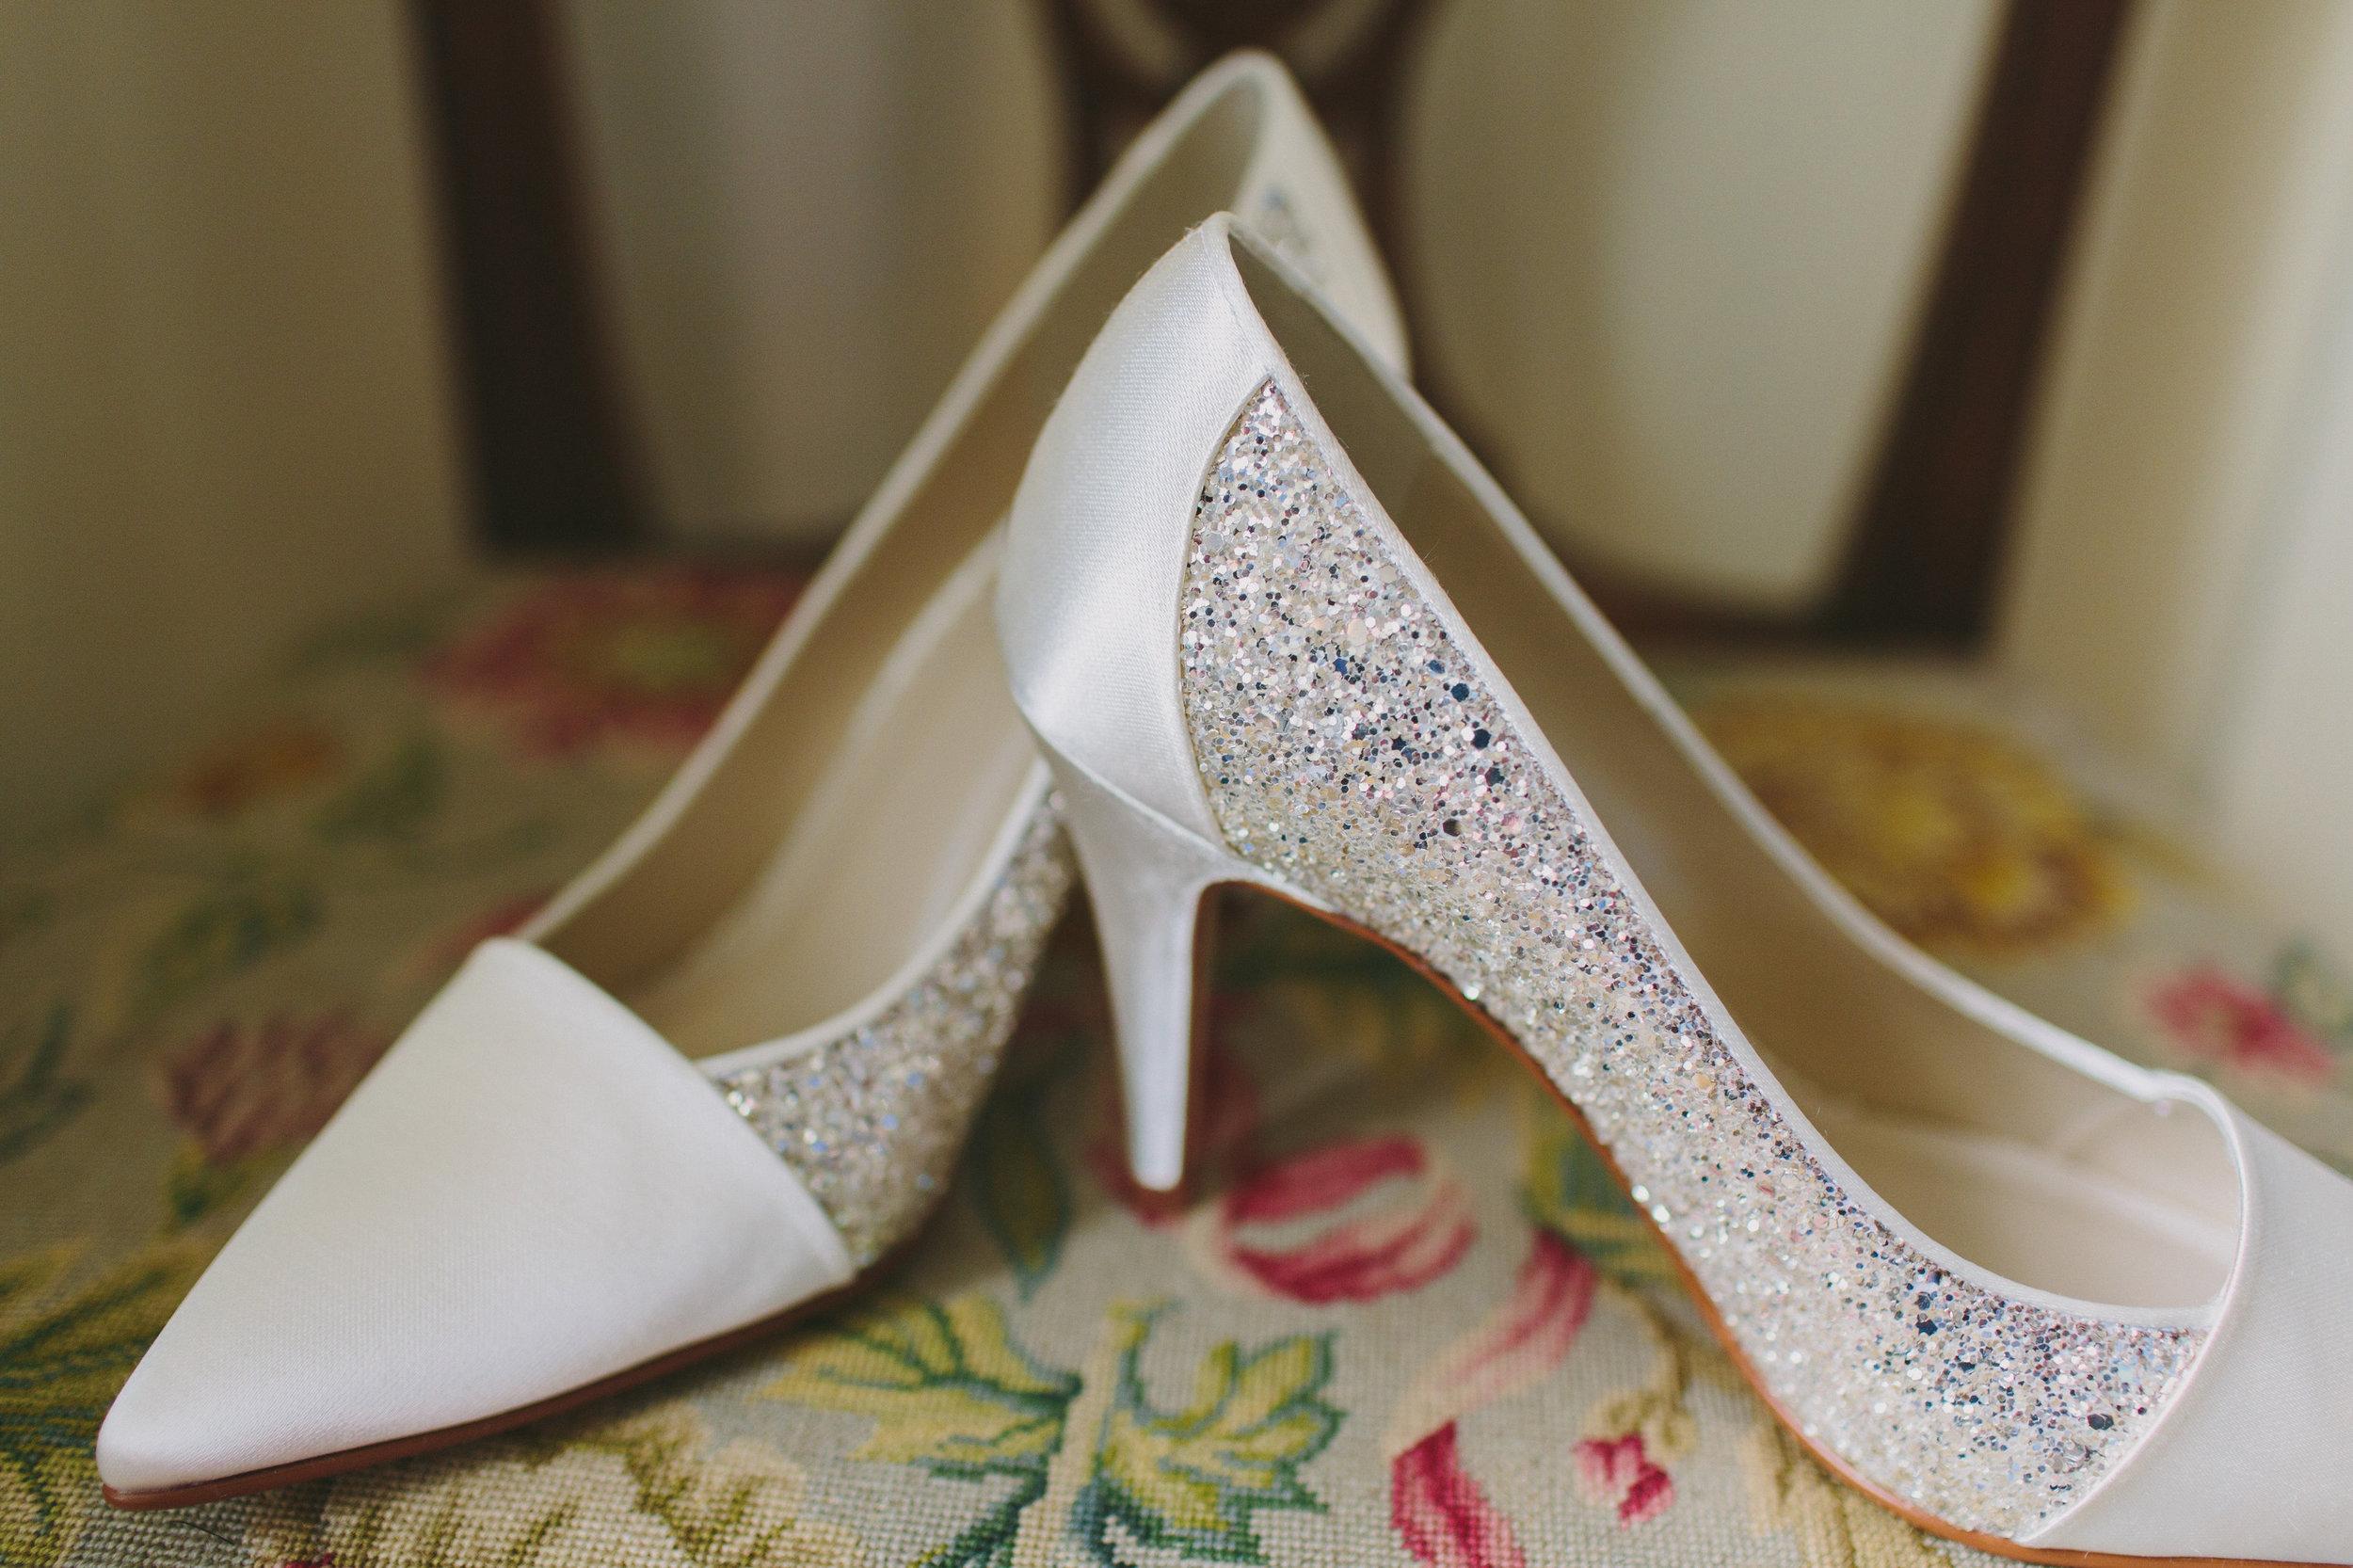 heels-on-chair.jpg